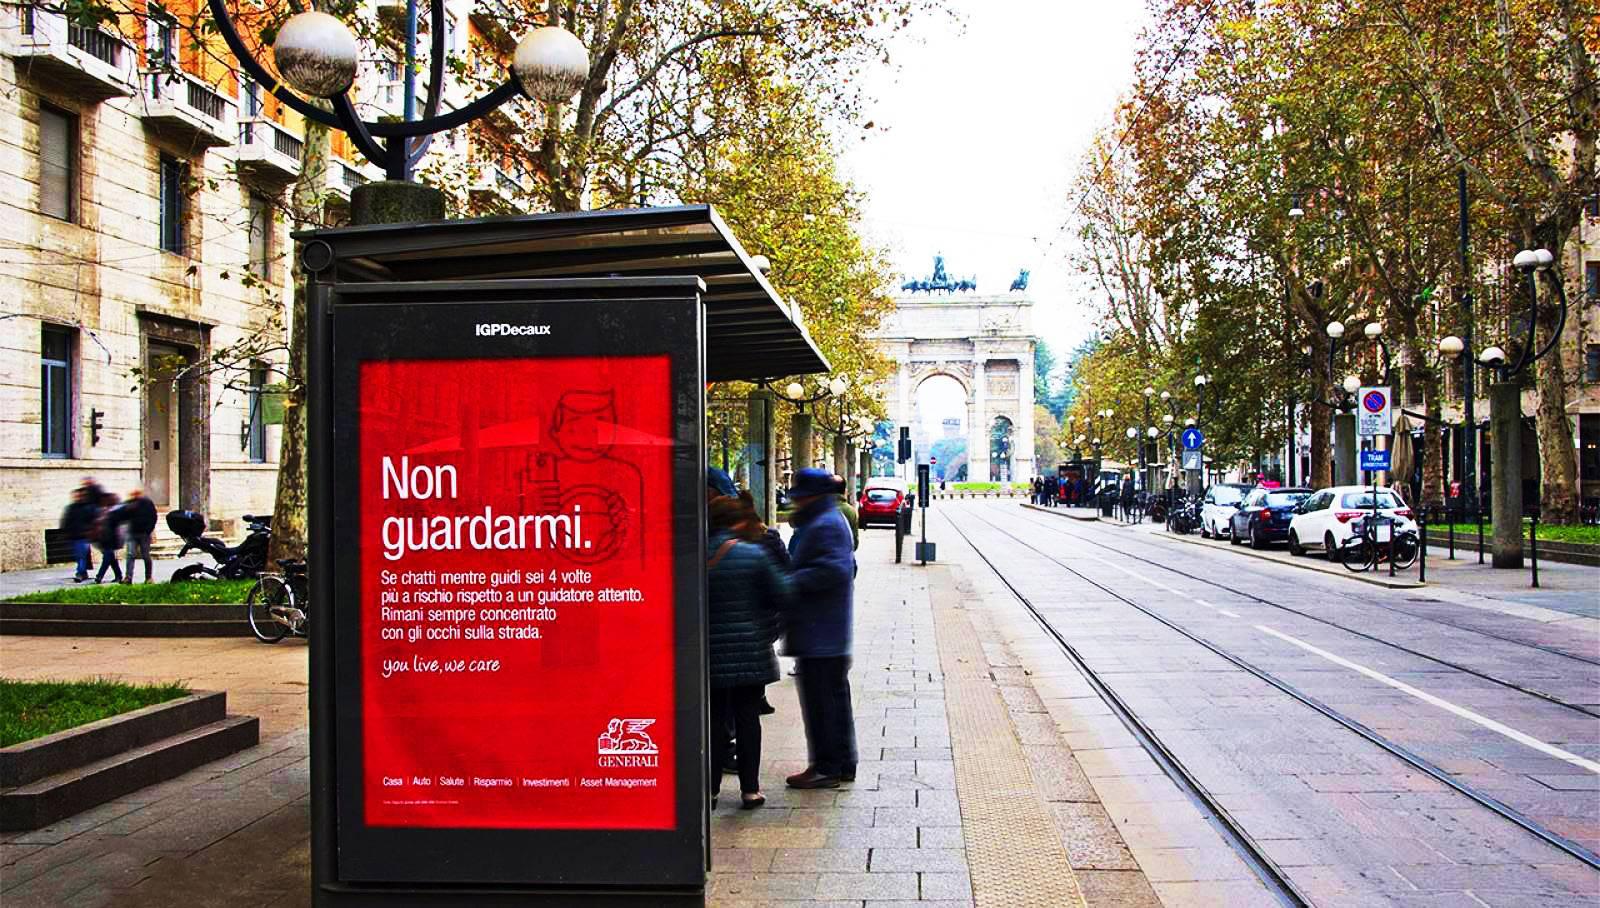 Pubblicità sulle pensiline a Milano pensiline decorate per Generali IGPDecaux